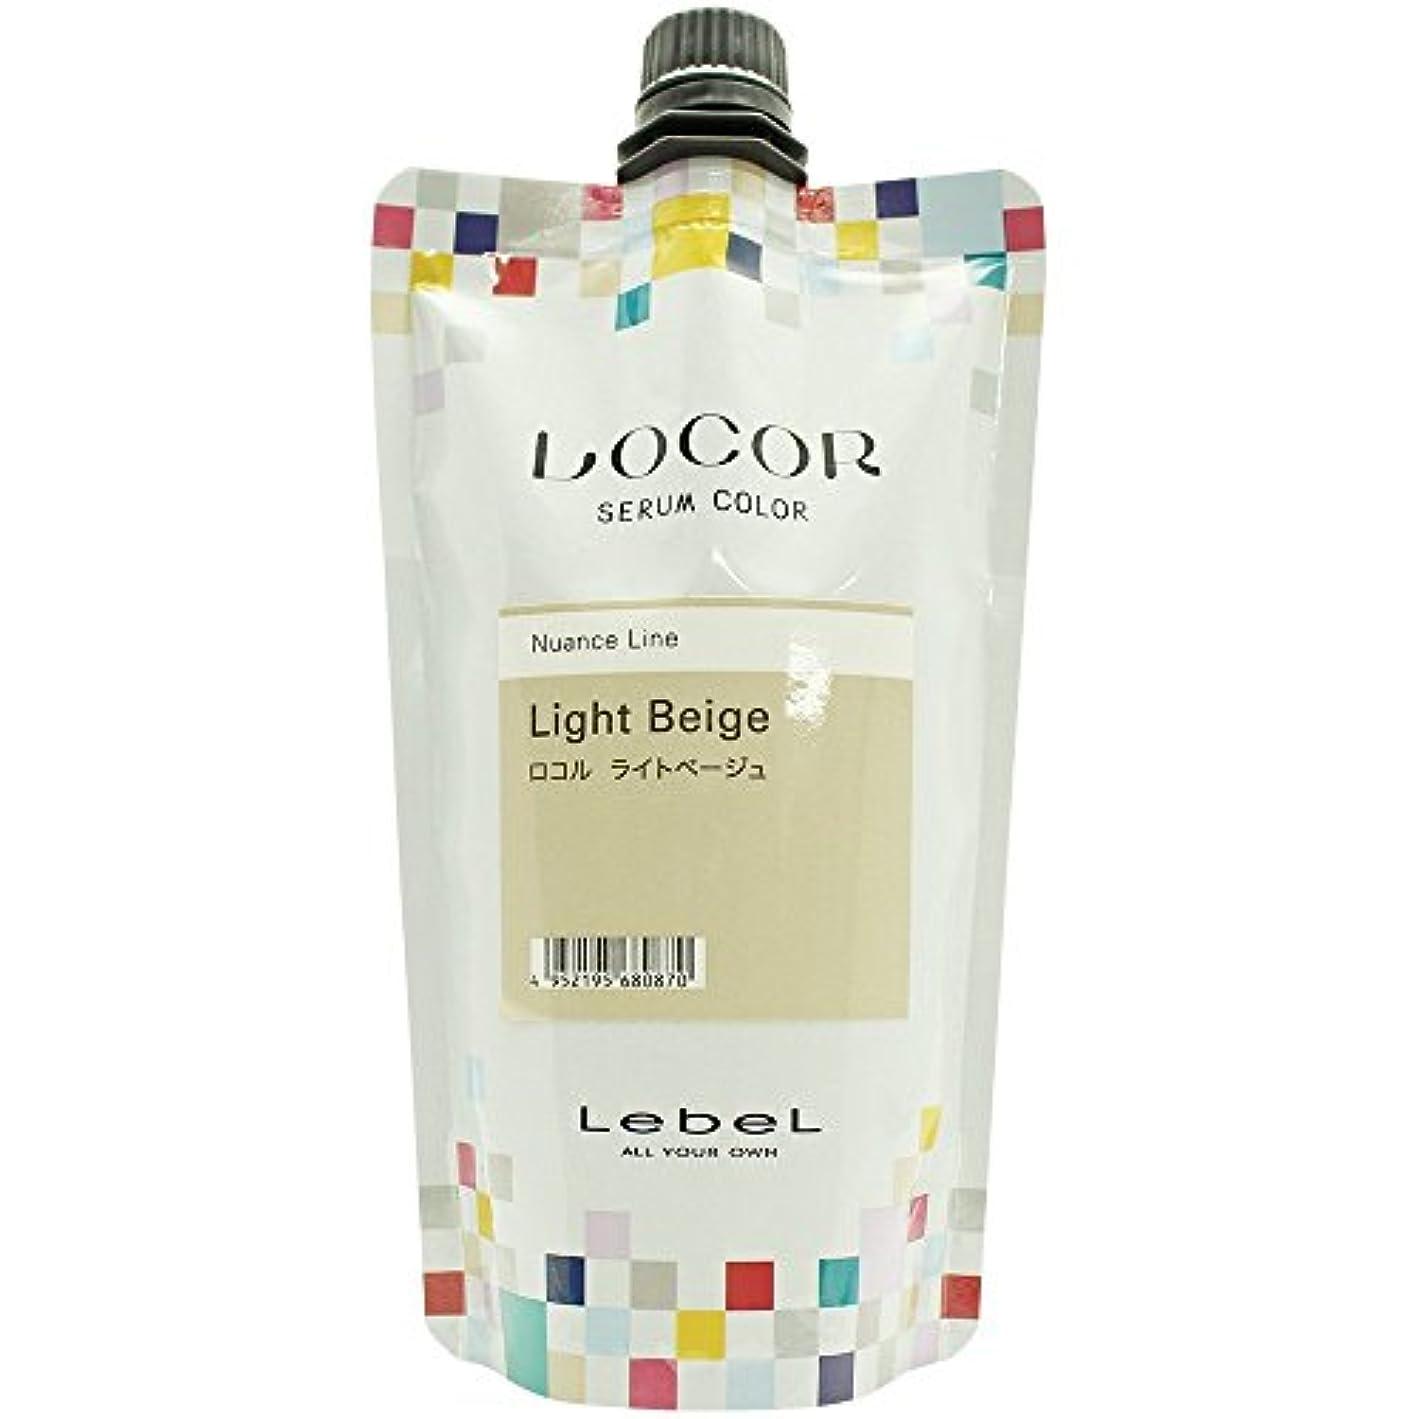 排泄する振るう毎年ルベル ロコル セラムカラー ライトベージュ L-BE 300g